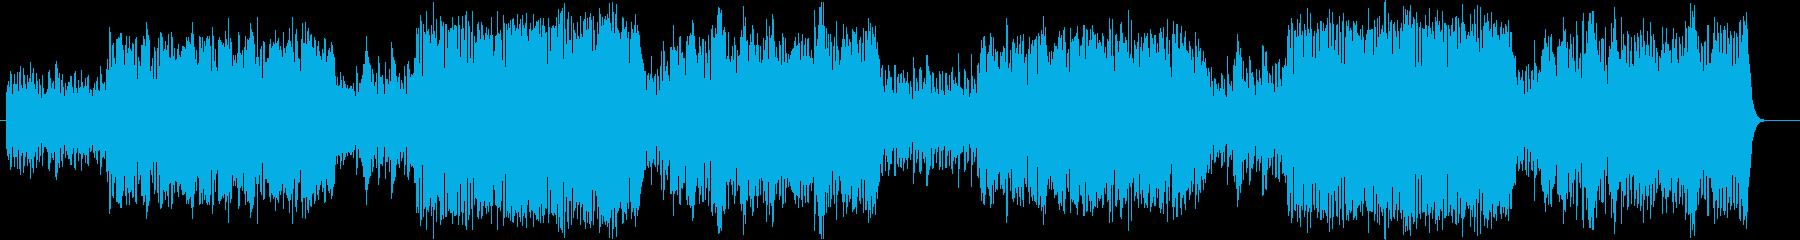 ほのぼのコミカルな雰囲気のオーケストラ曲の再生済みの波形